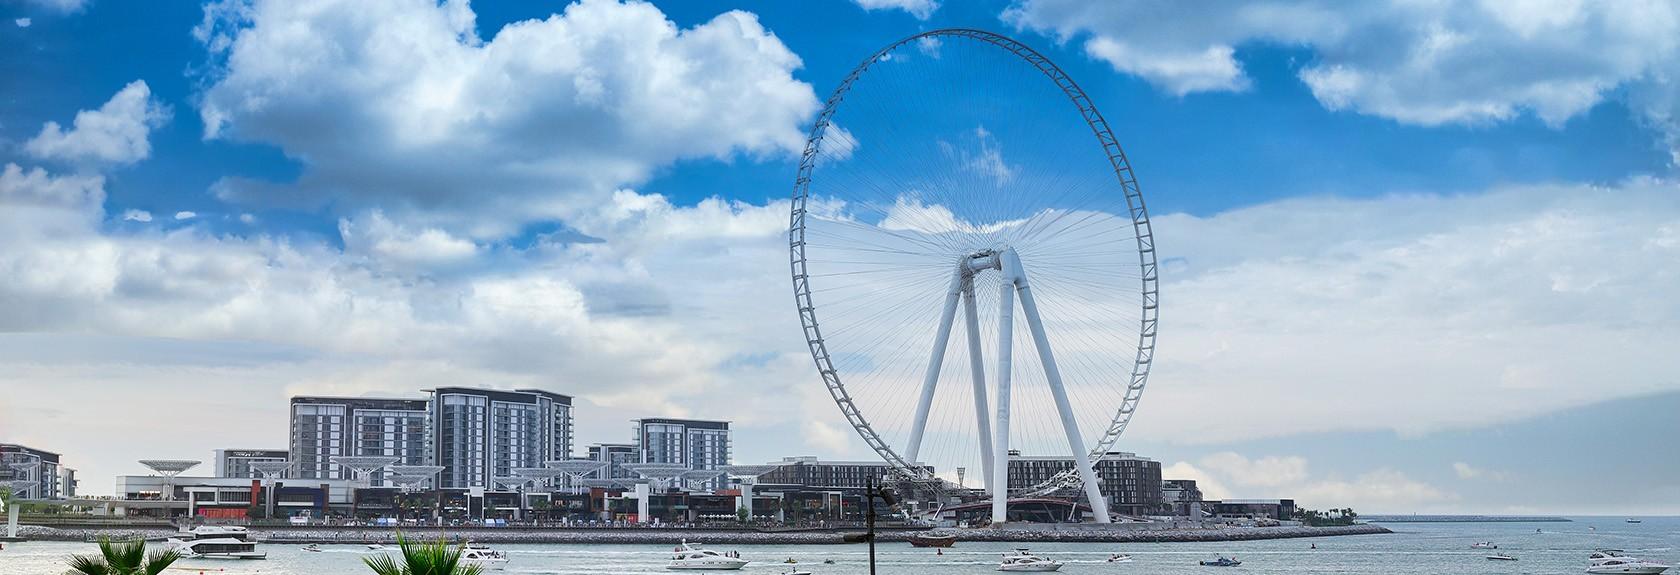 De Ain Dubai, het grootste reuzenrad van de wereld